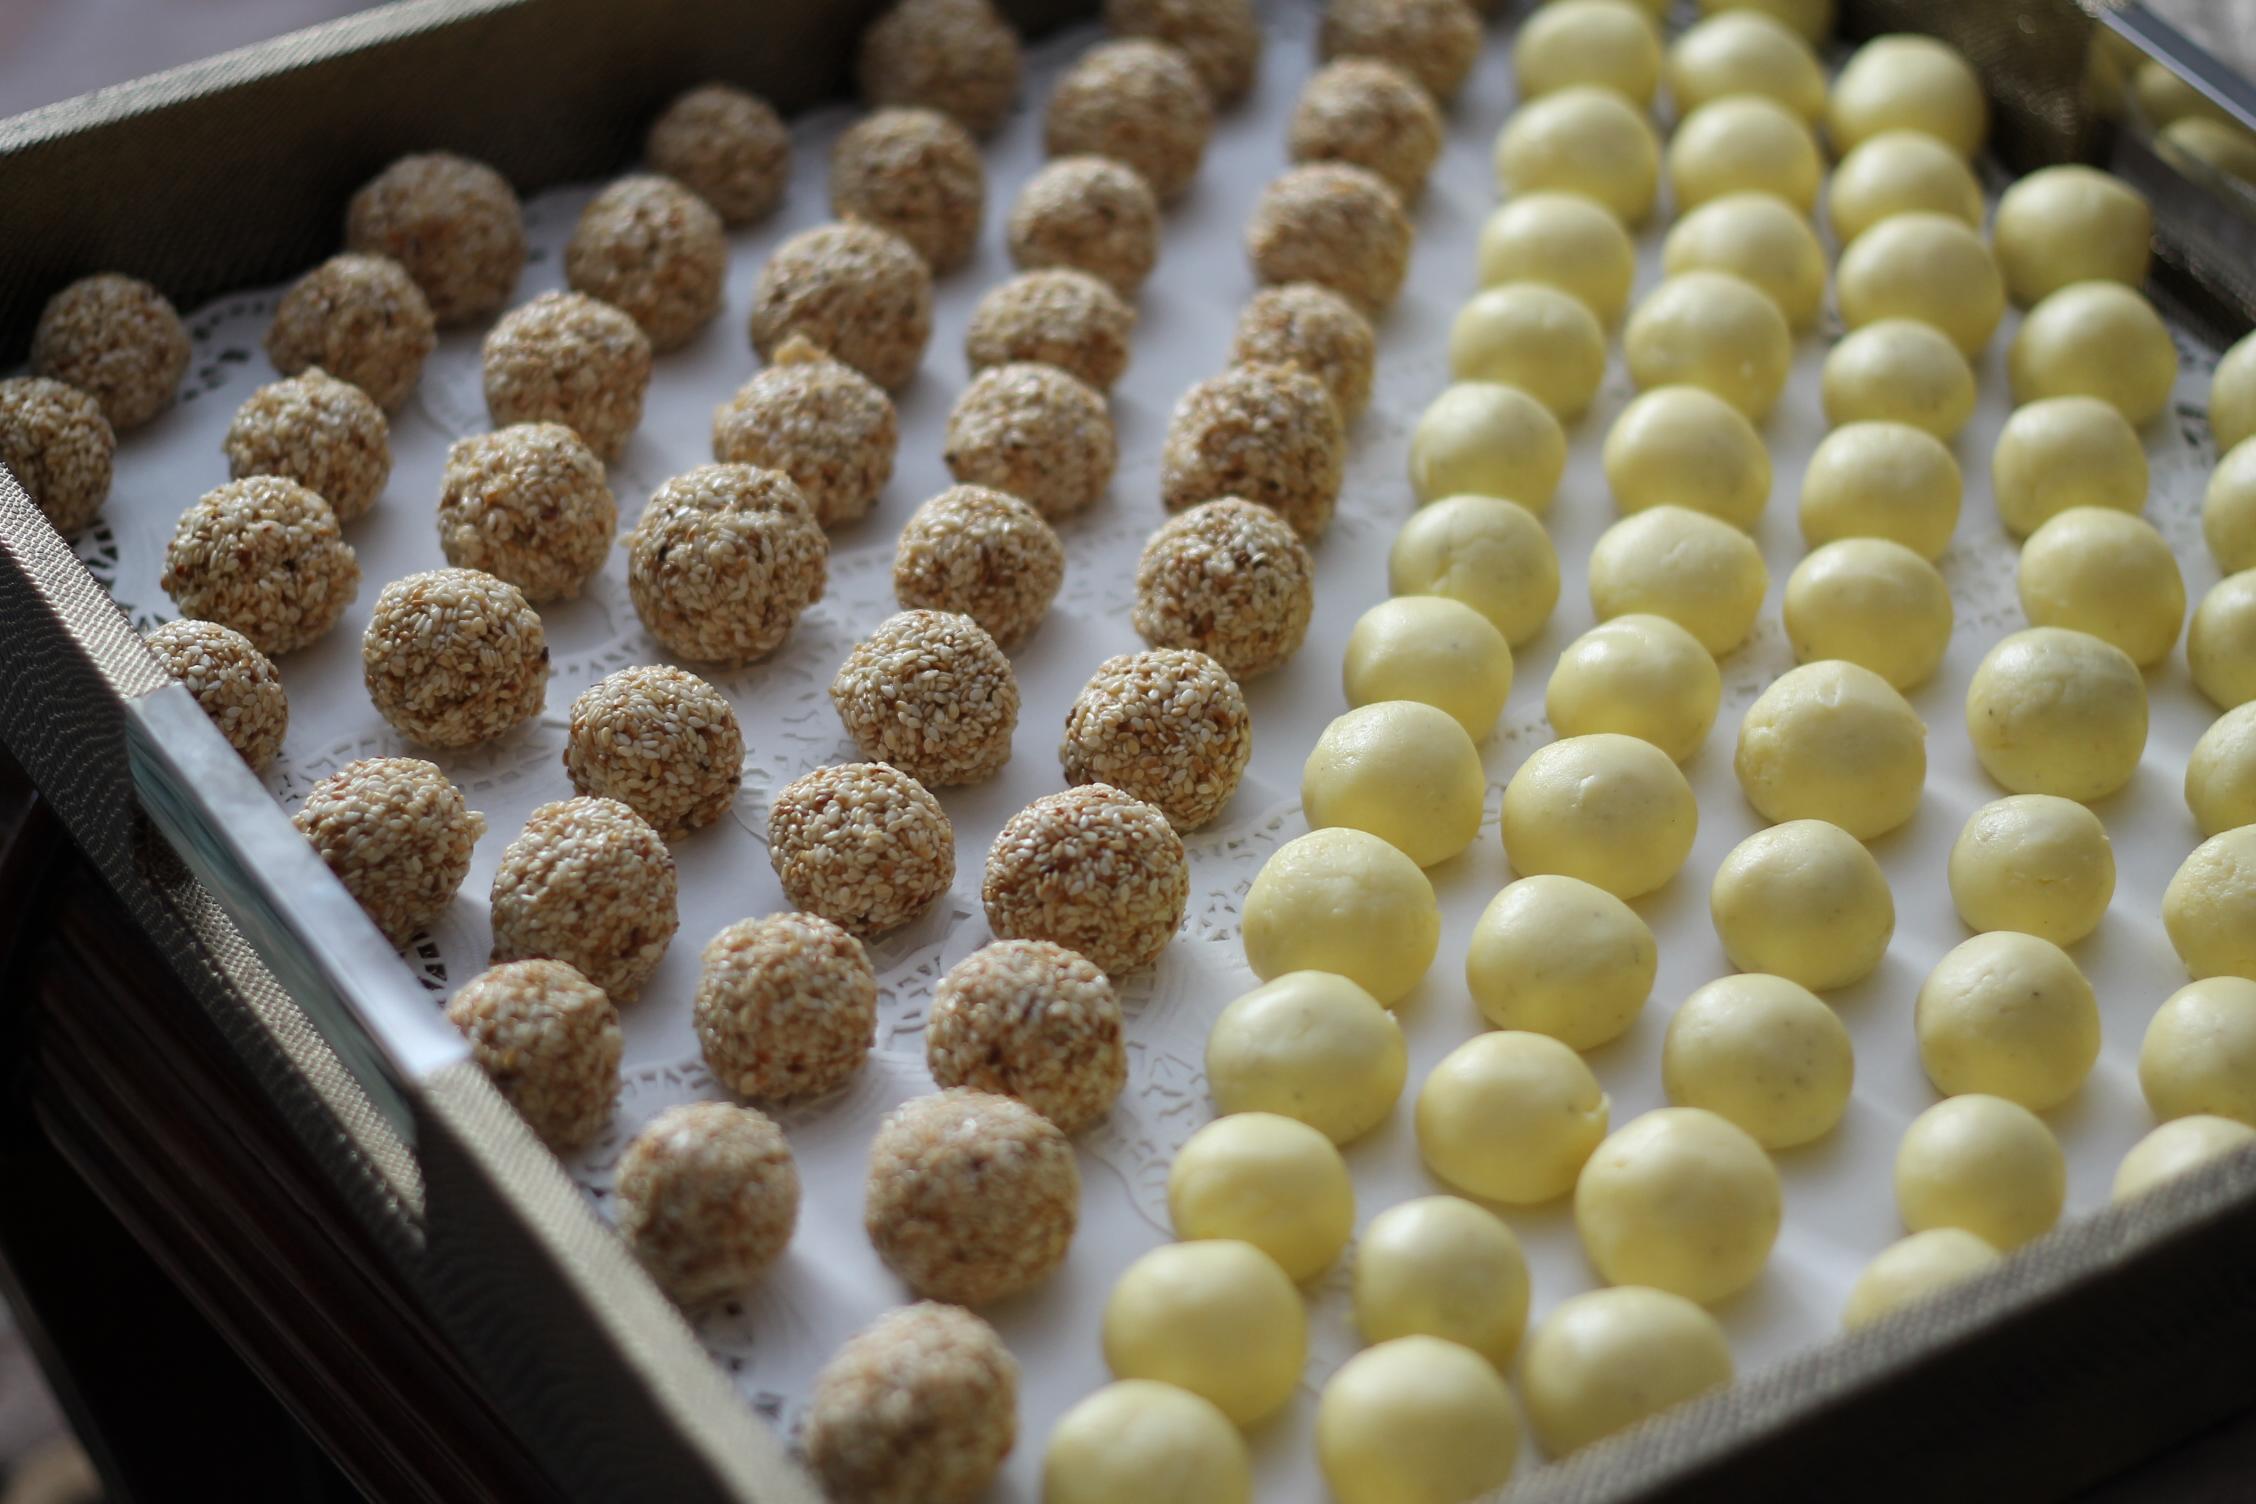 اللبنية والسمسية من احلويات الحجازيه اللذيذة